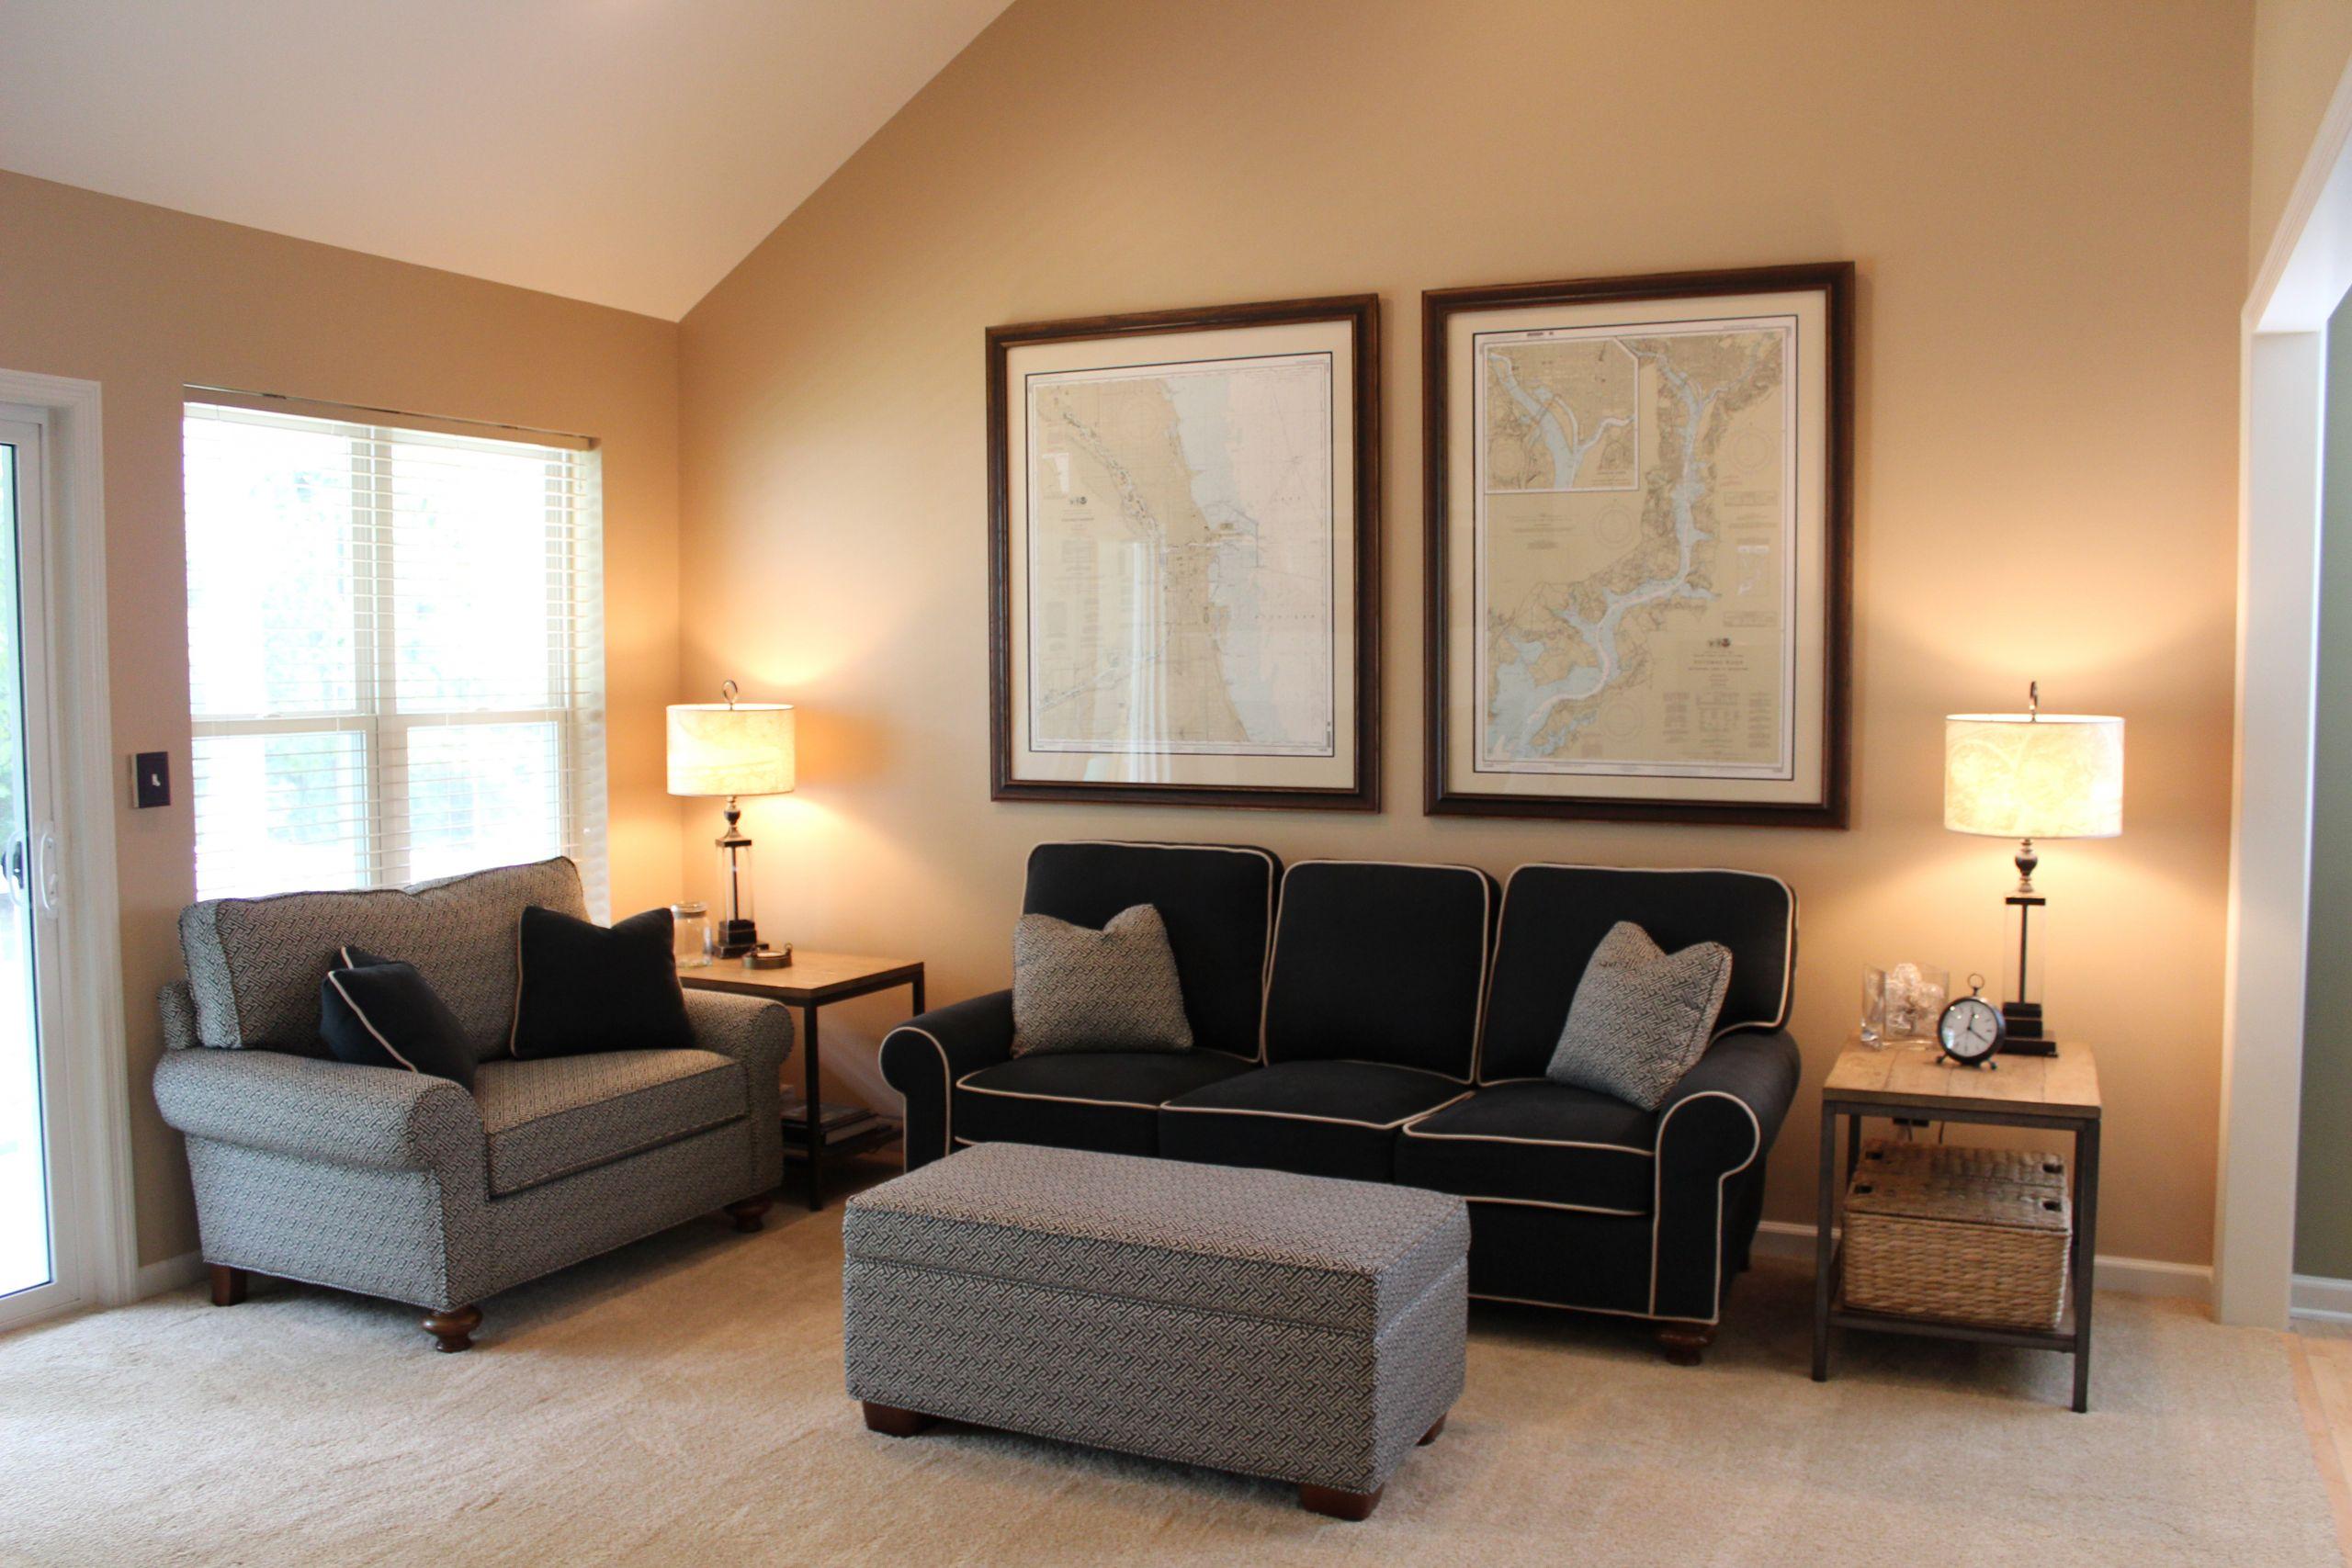 Living Room Paint Color  45 Best Interior Paint Colors Ideas